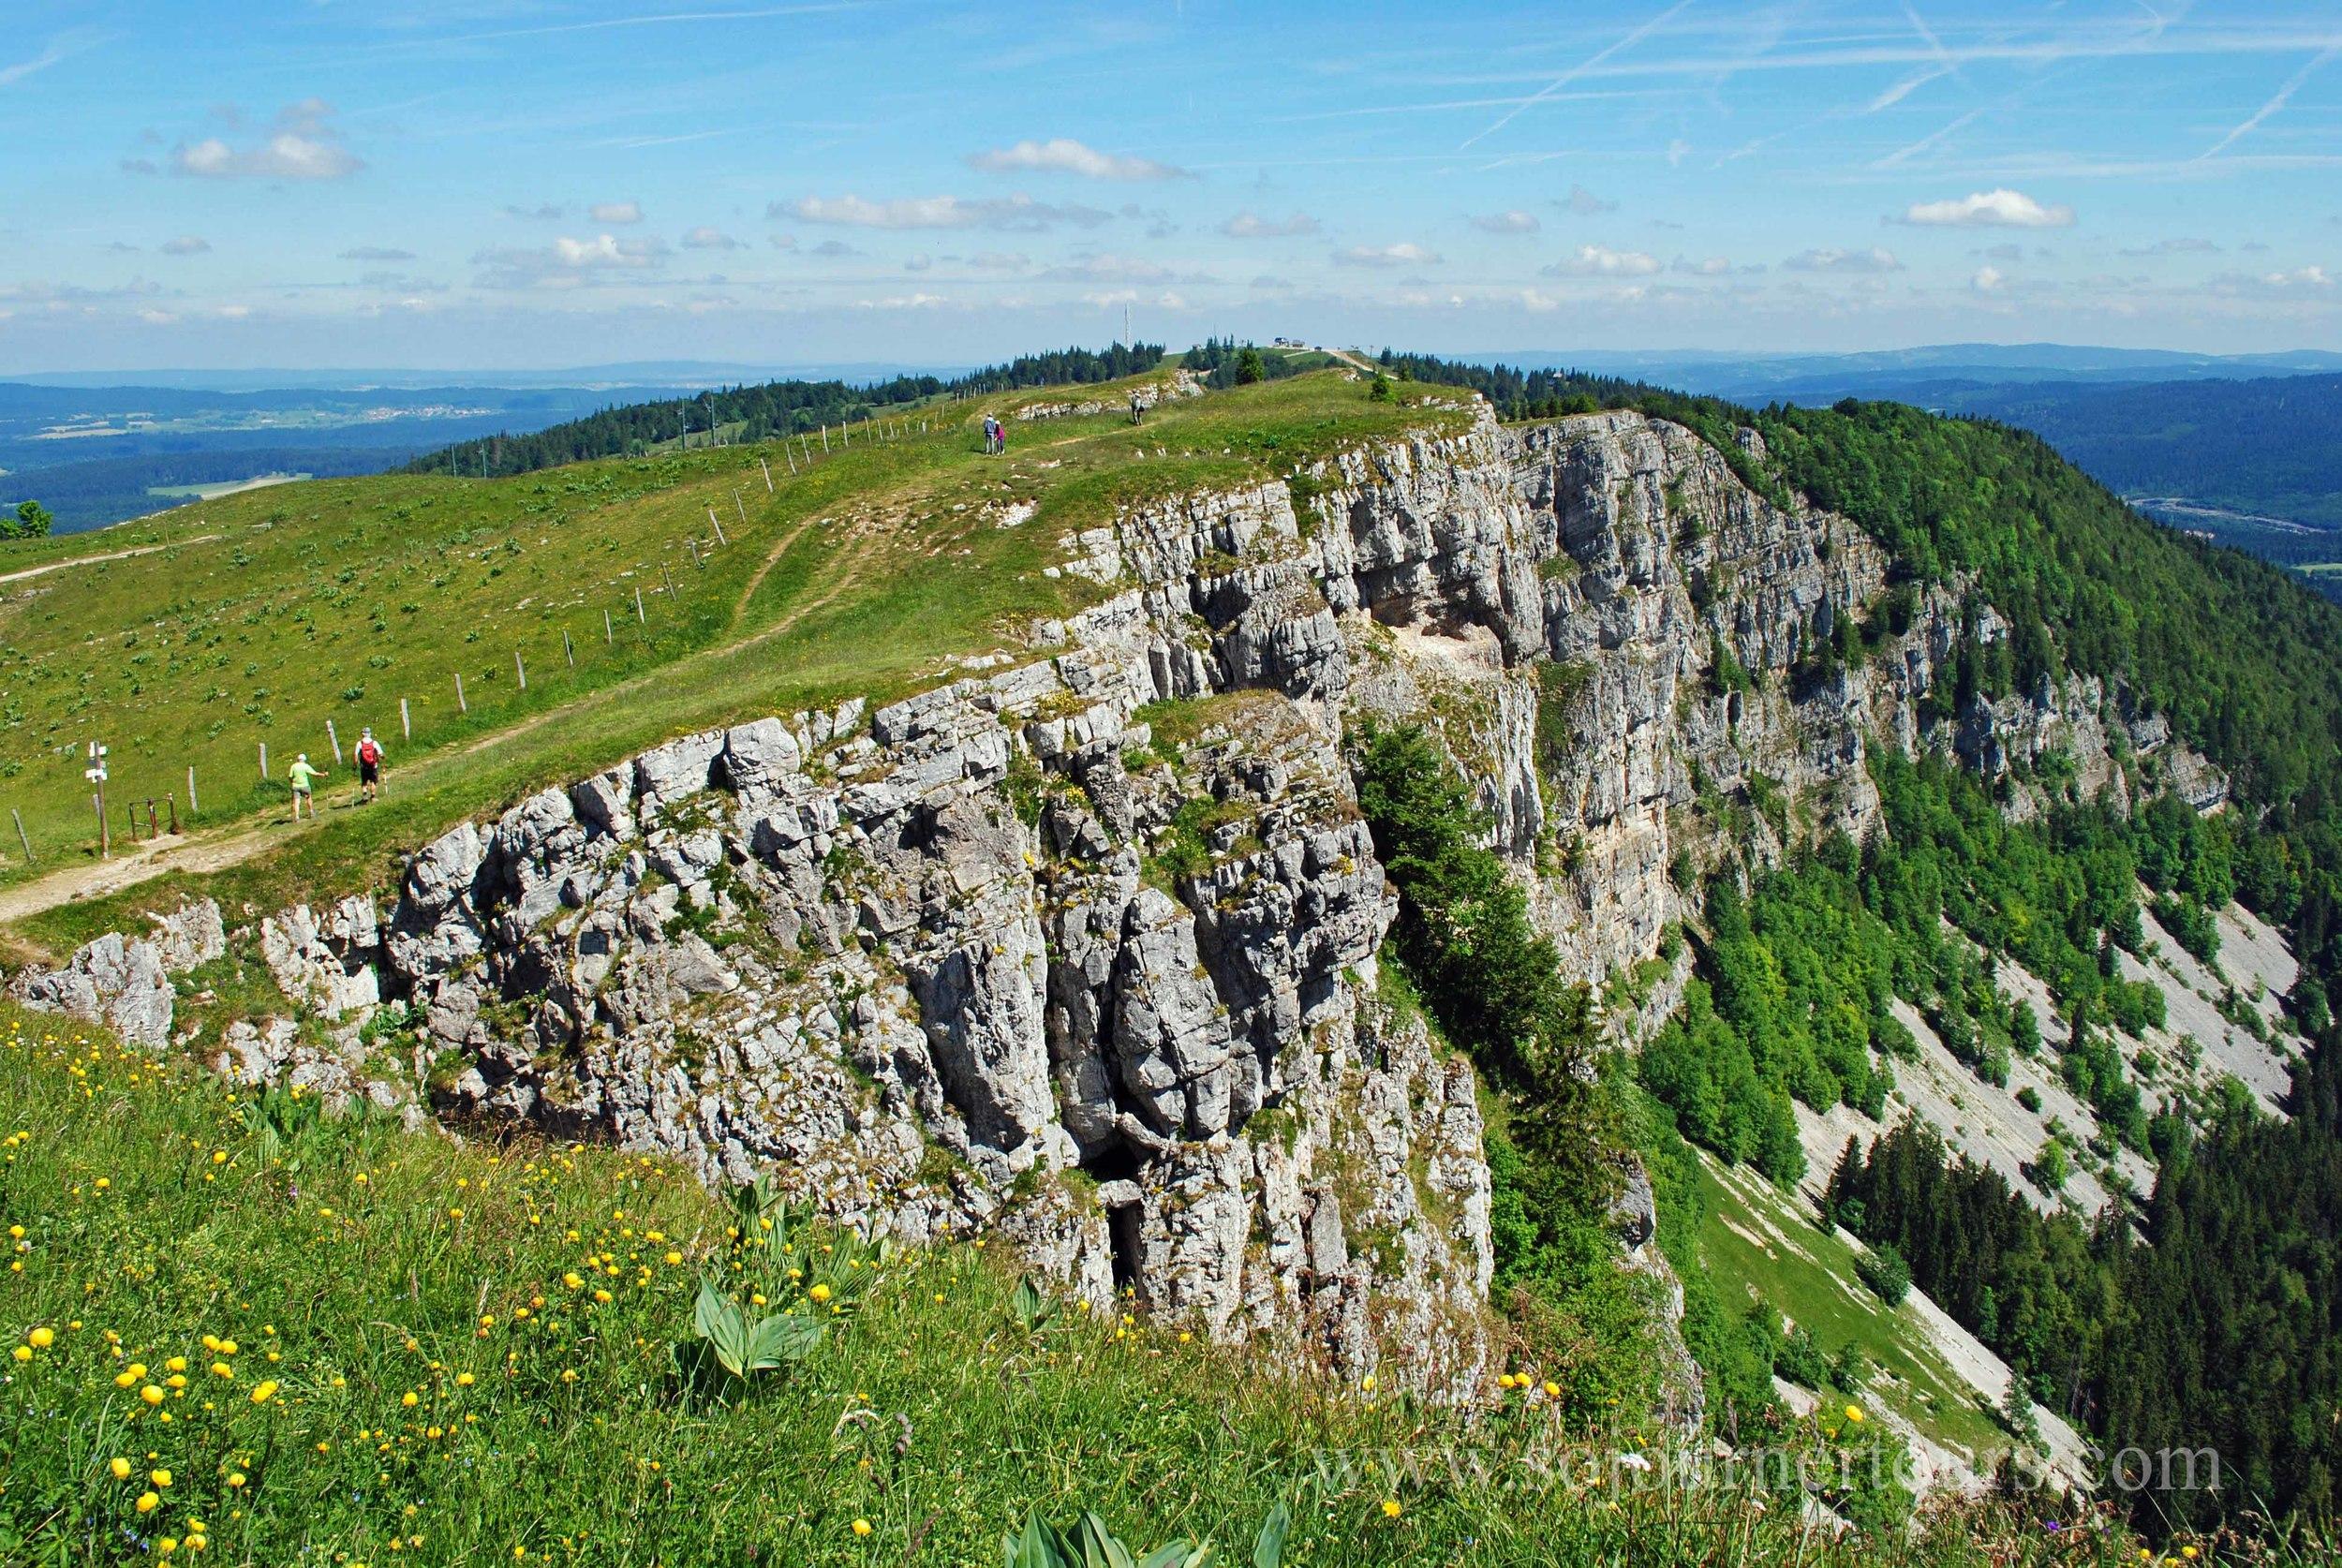 Métabief: Franche-Comté, France (Sojourner Tours)